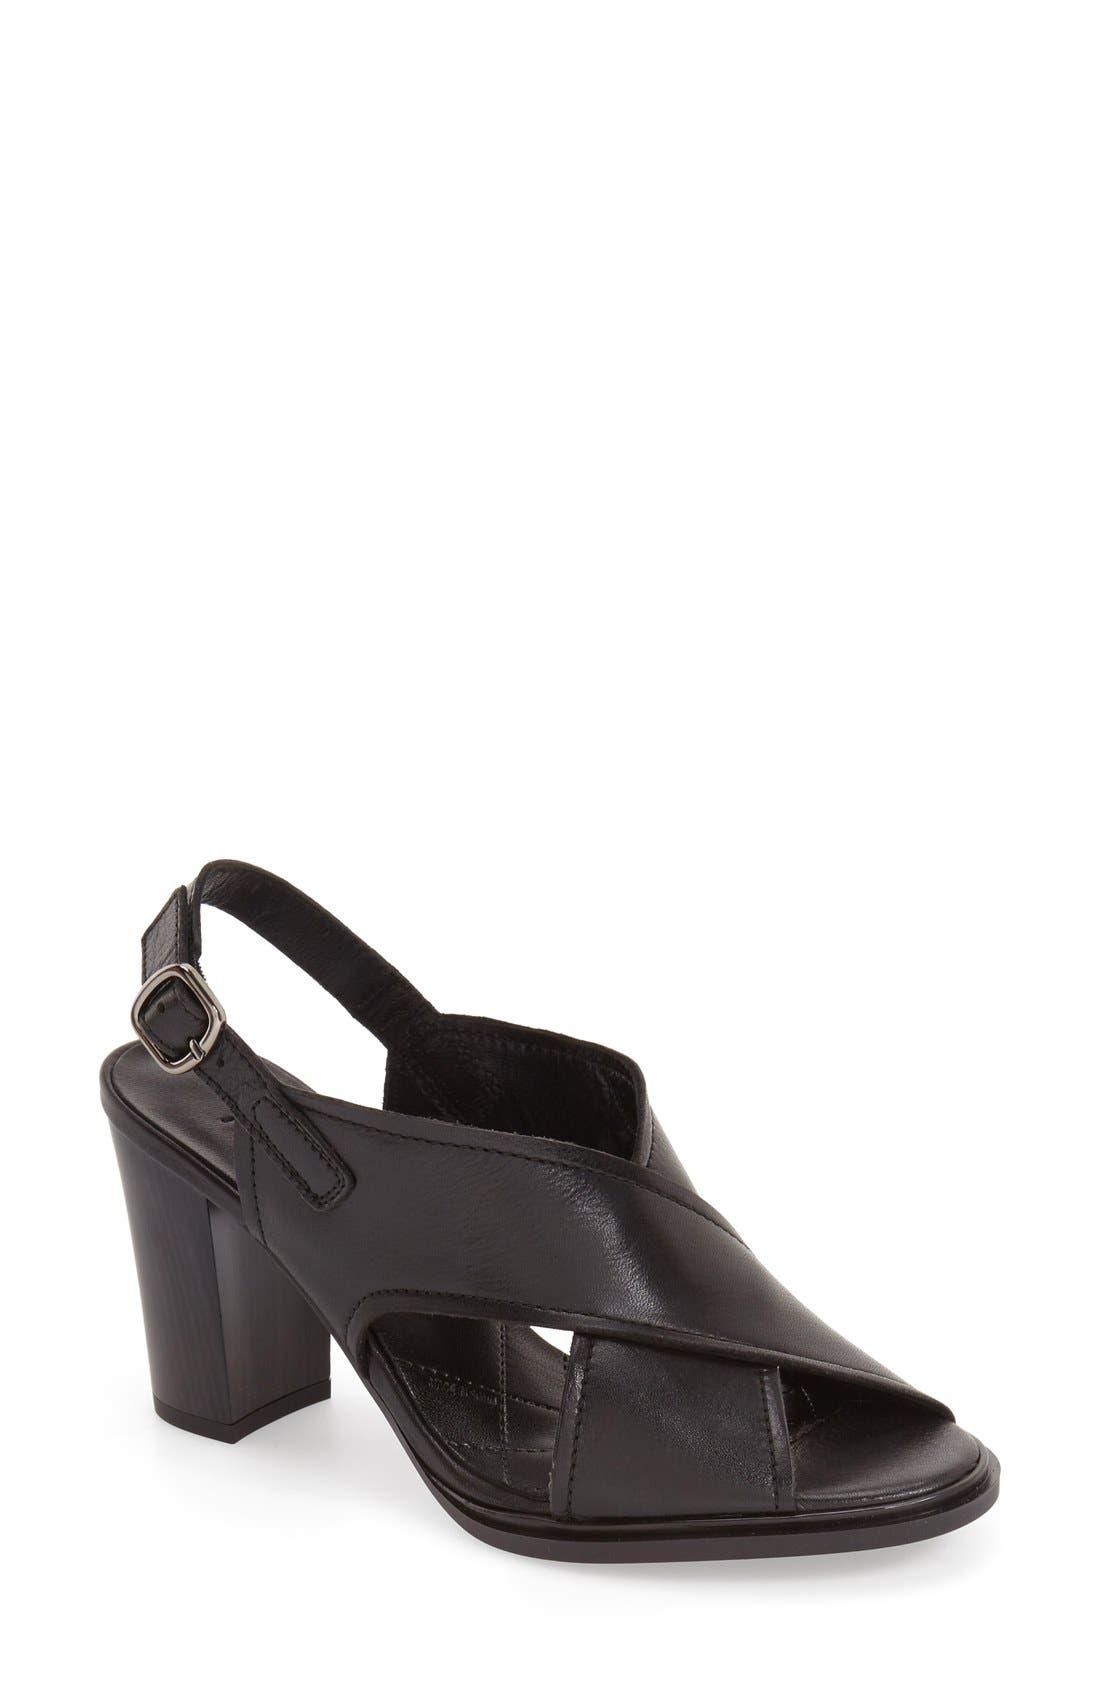 HISPANITAS 'Meridel' Slingback Sandal